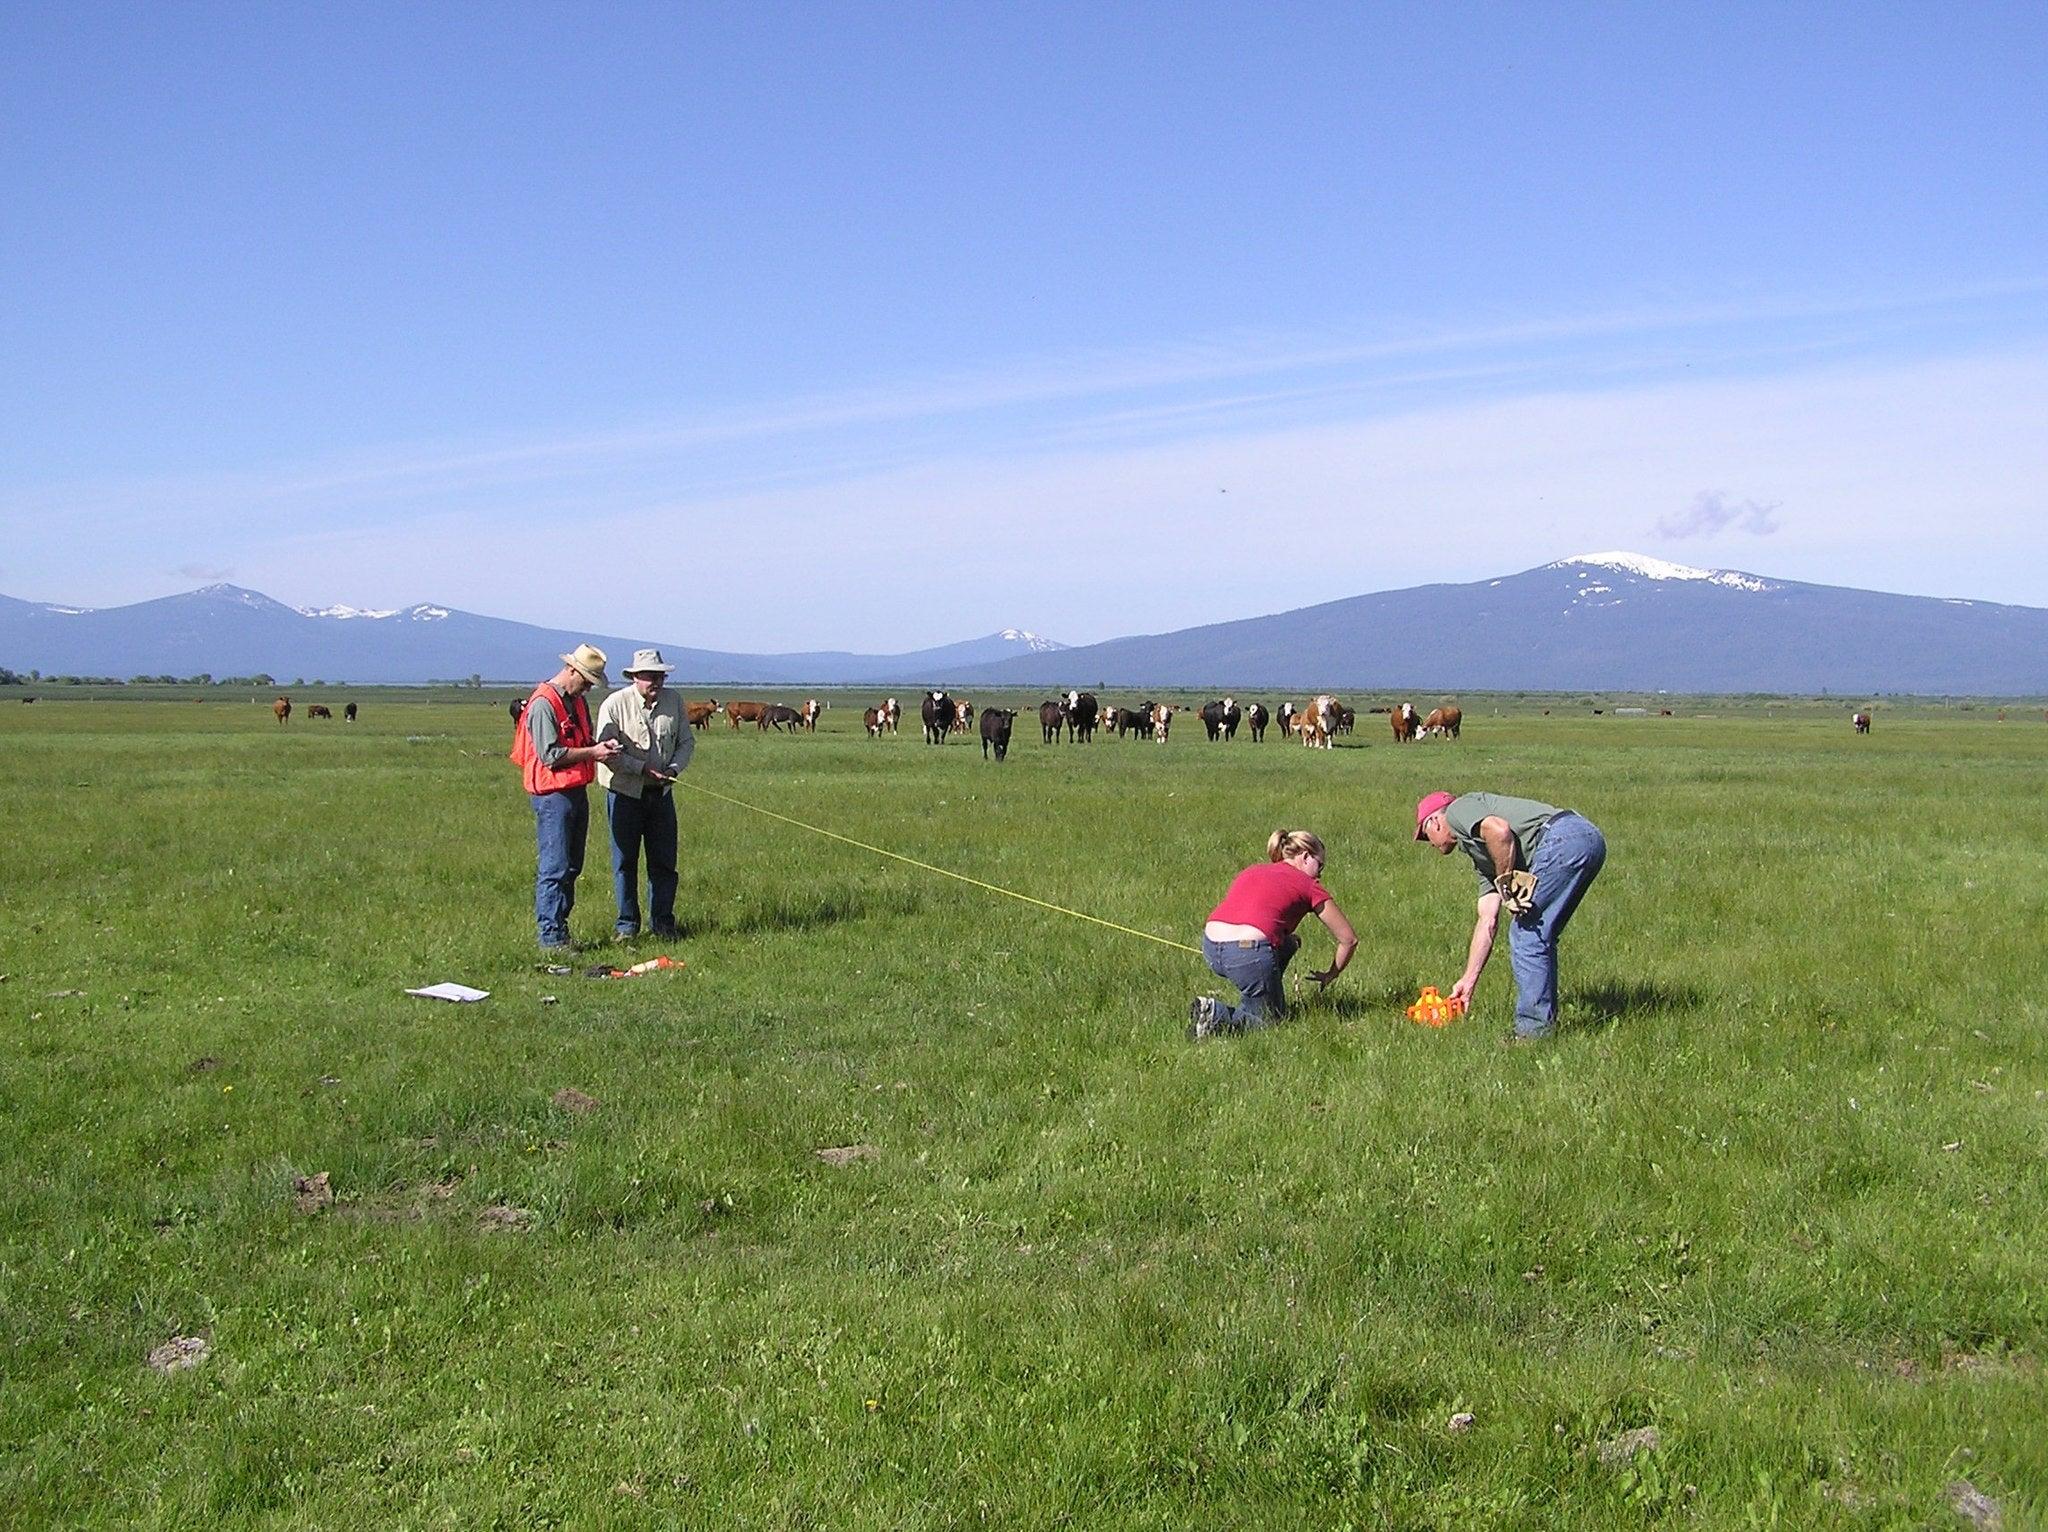 A vegetation survey in Wood River Valley, Oregon